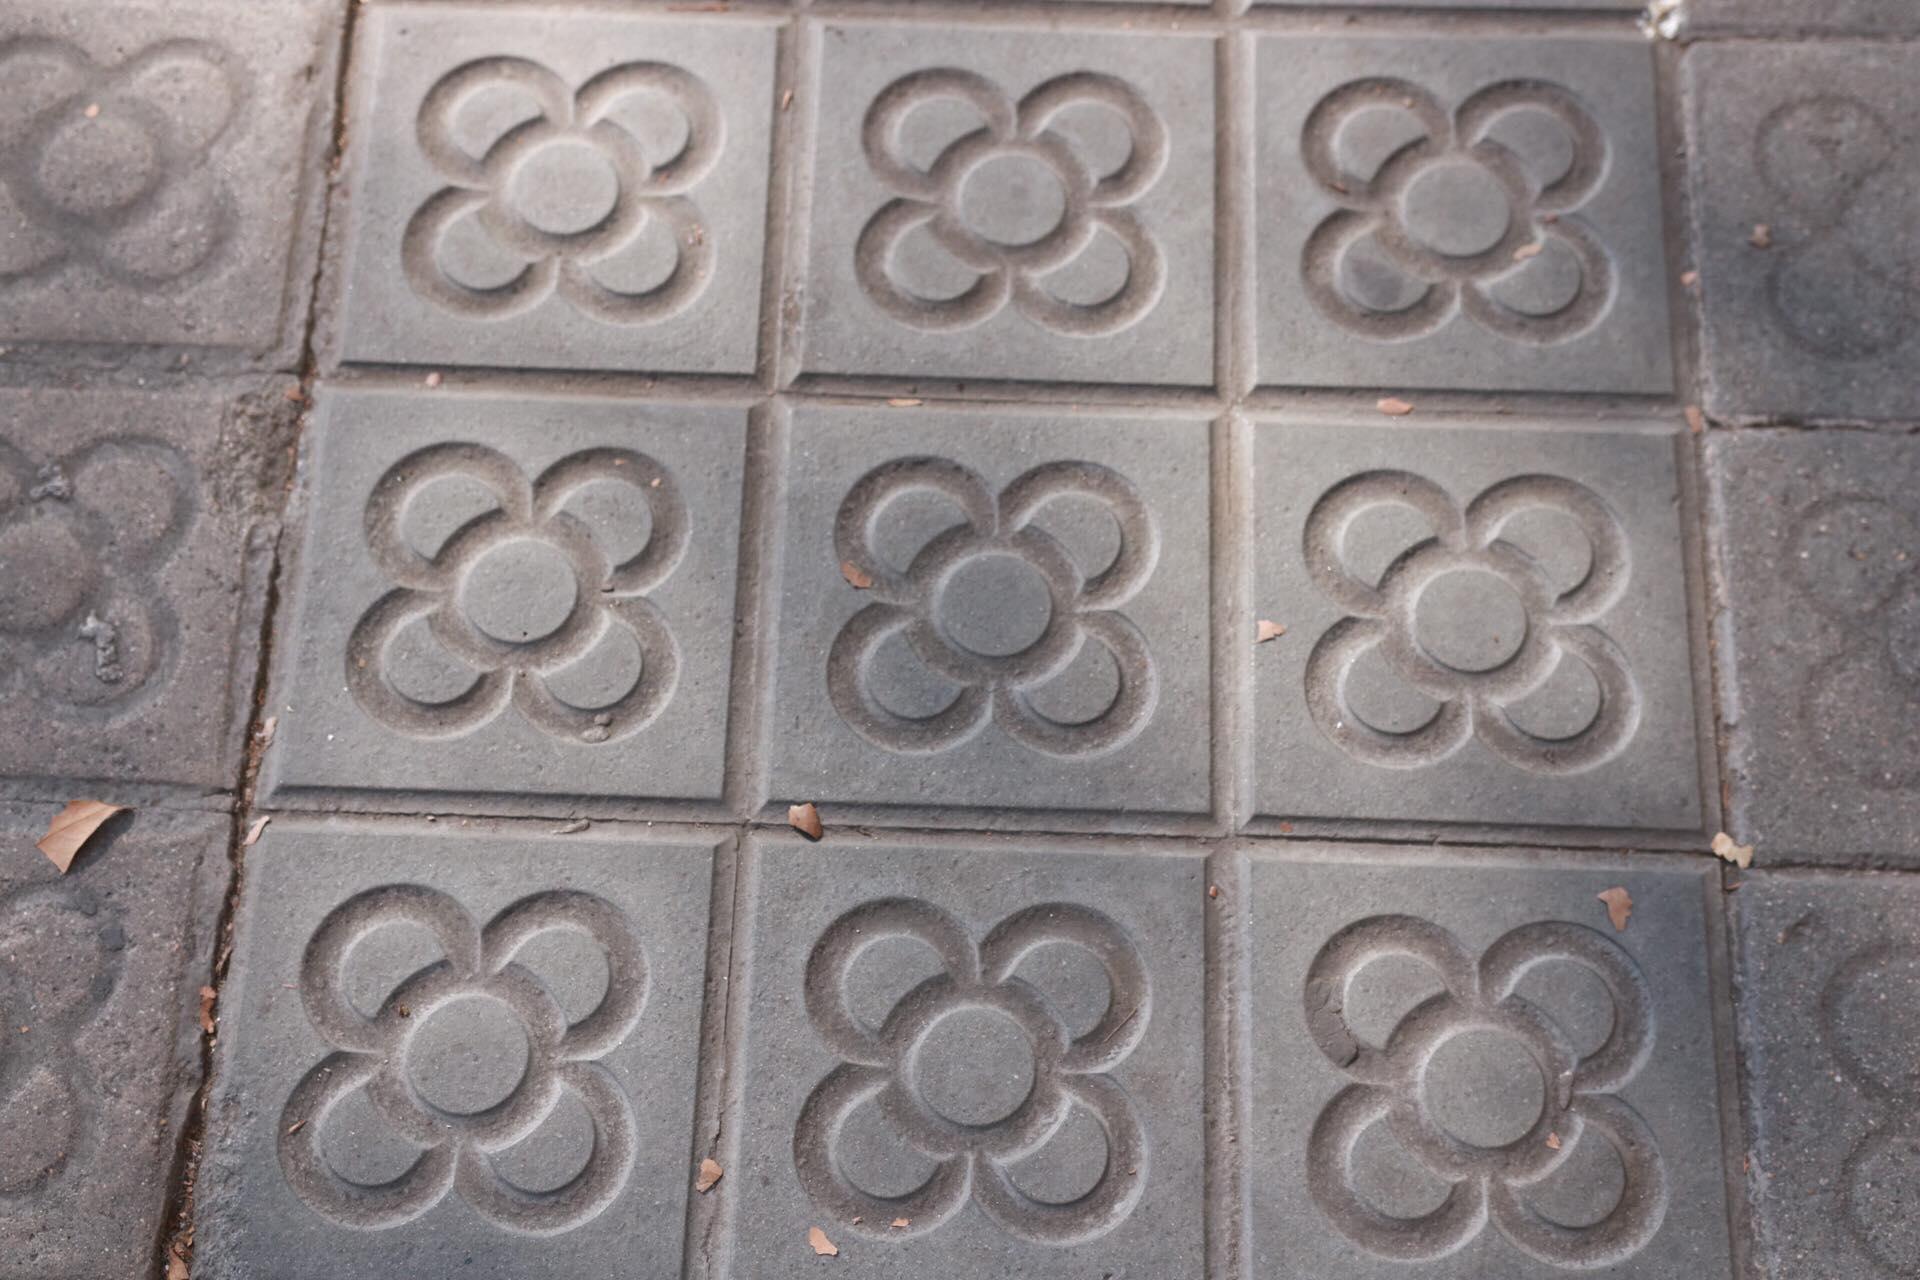 Sidewalk Tiles - The Barcelona Flower